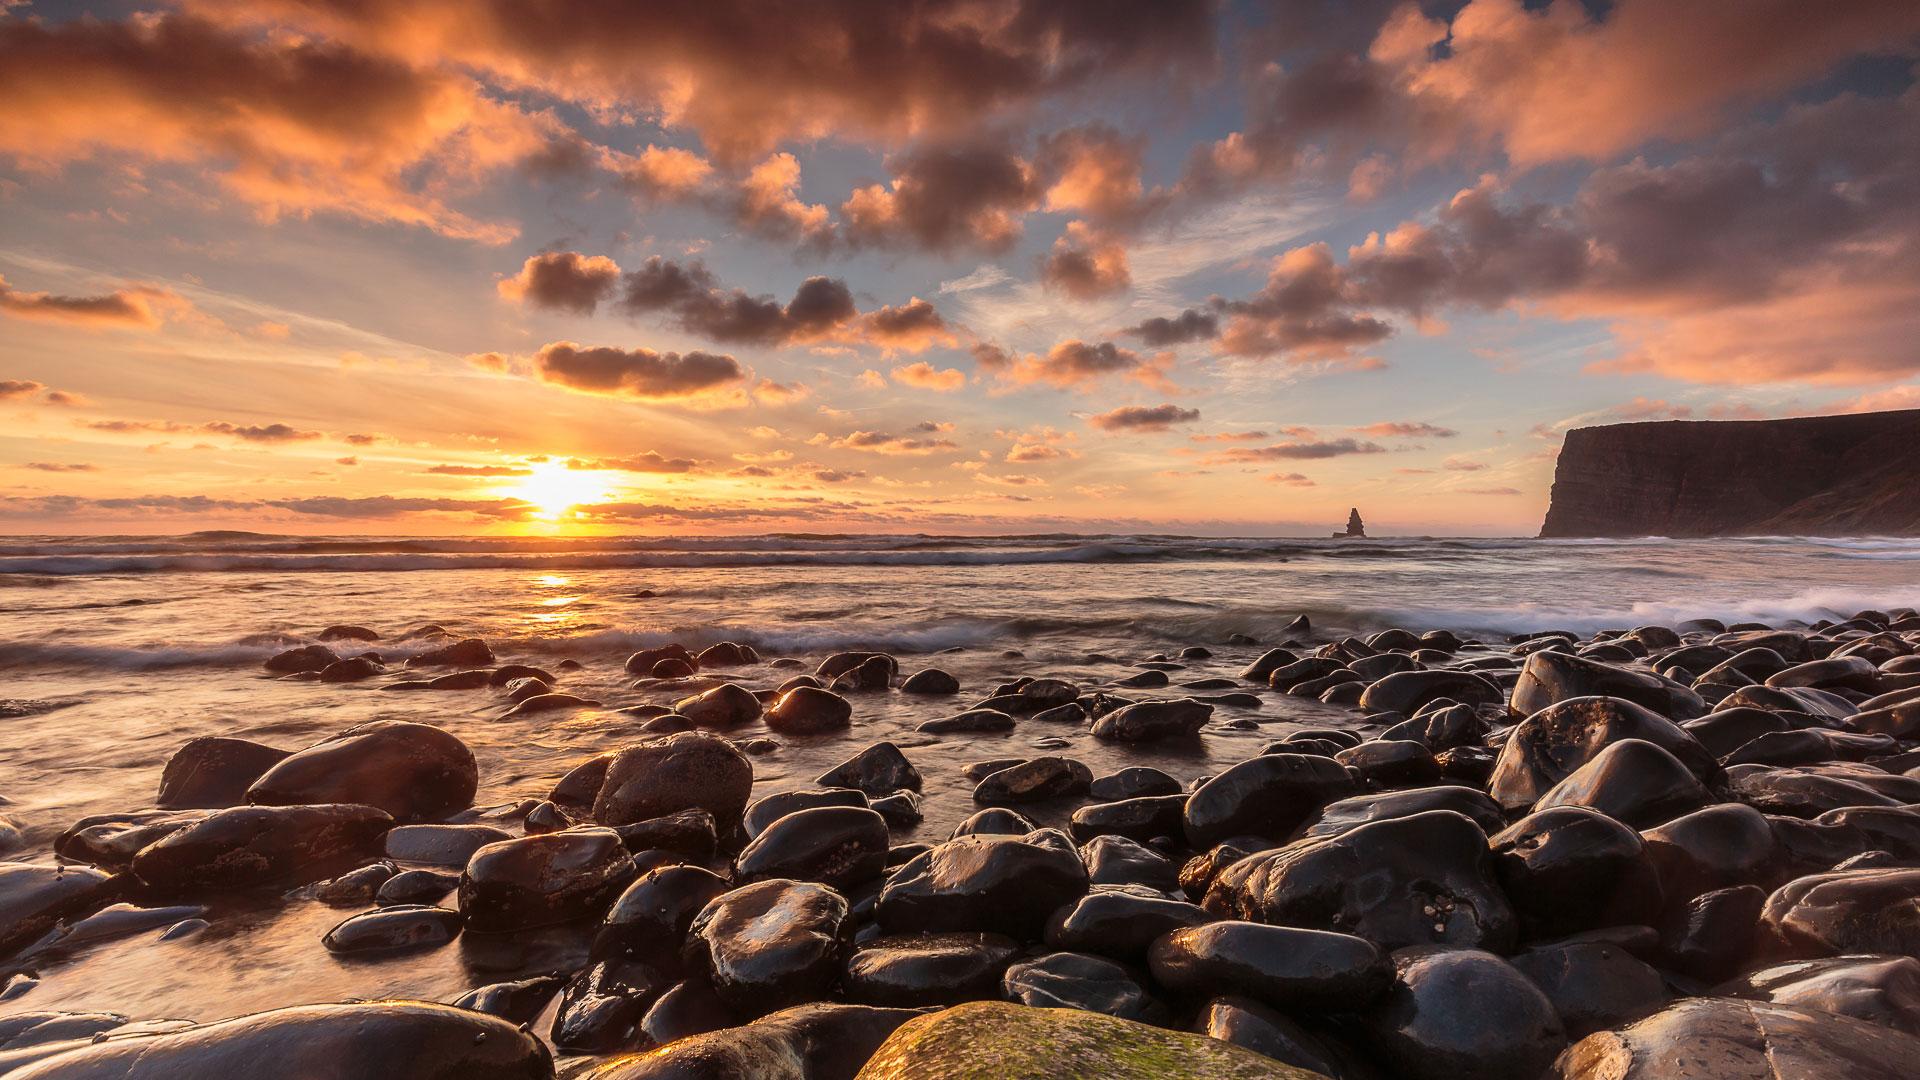 Cómo Fotografiar El Amanecer Y Atardecer En La Playa